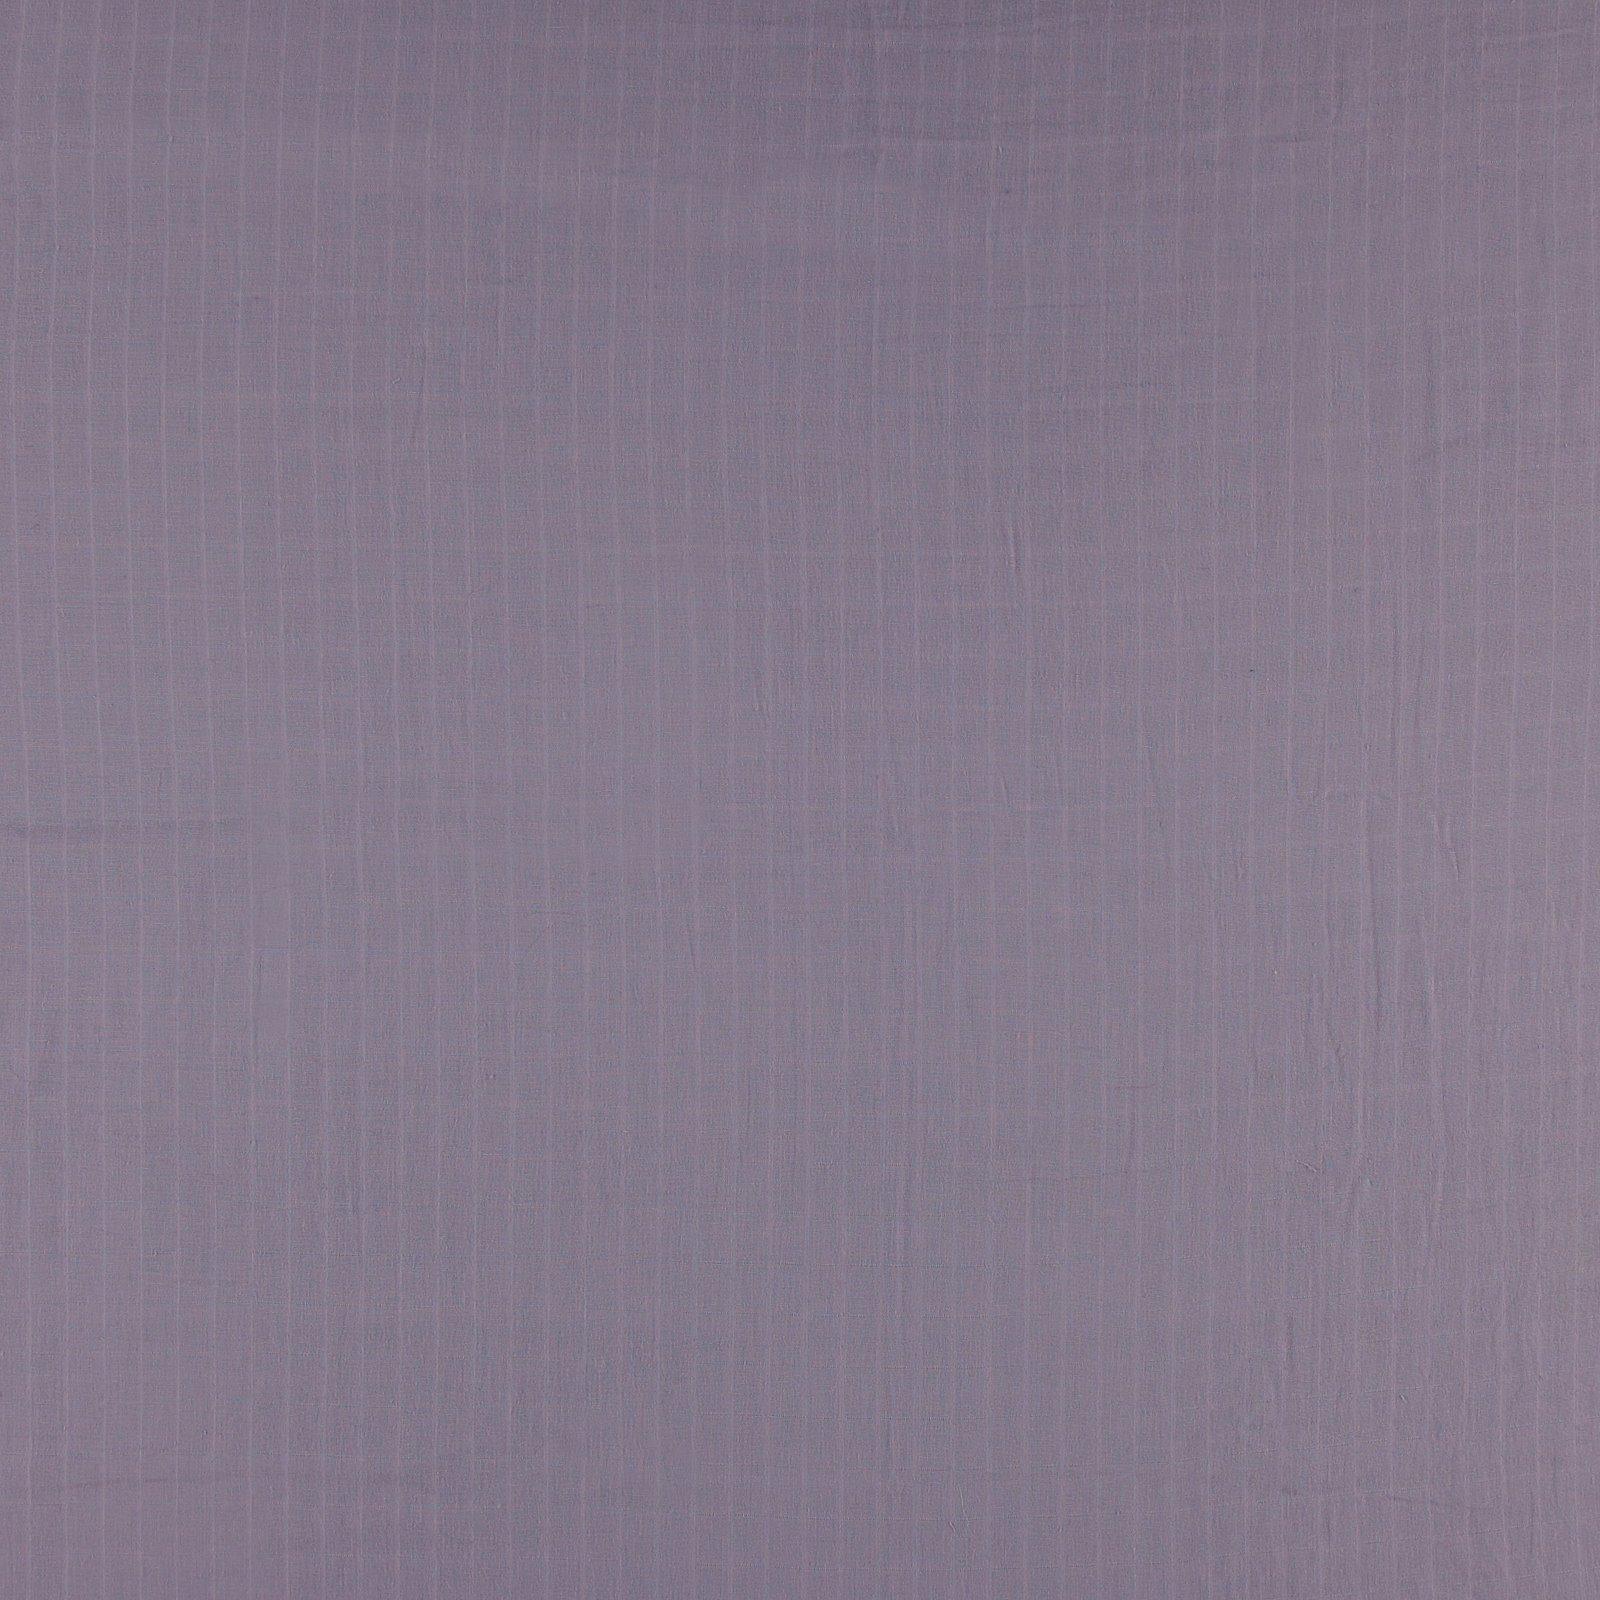 Muslin dusty purple 501592_pack_sp